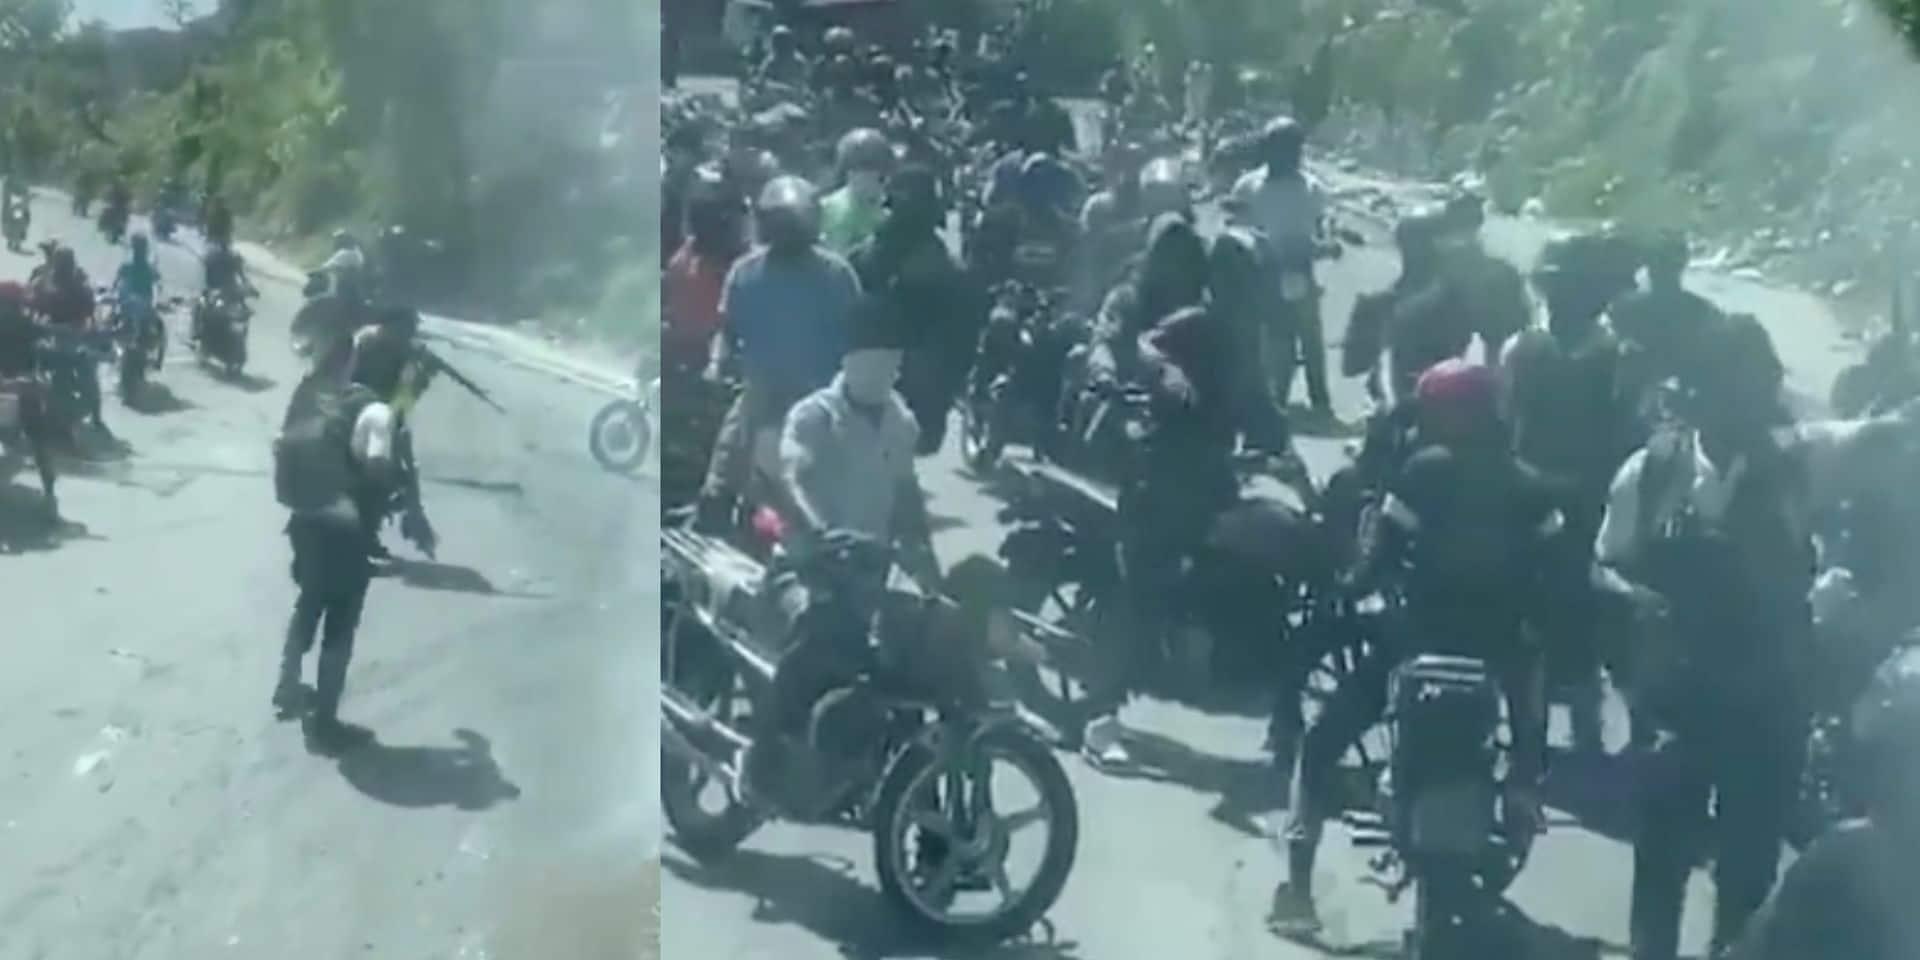 L'équipe du Belize brièvement arrêtée par des insurgés armés en Haïti (VIDEO)